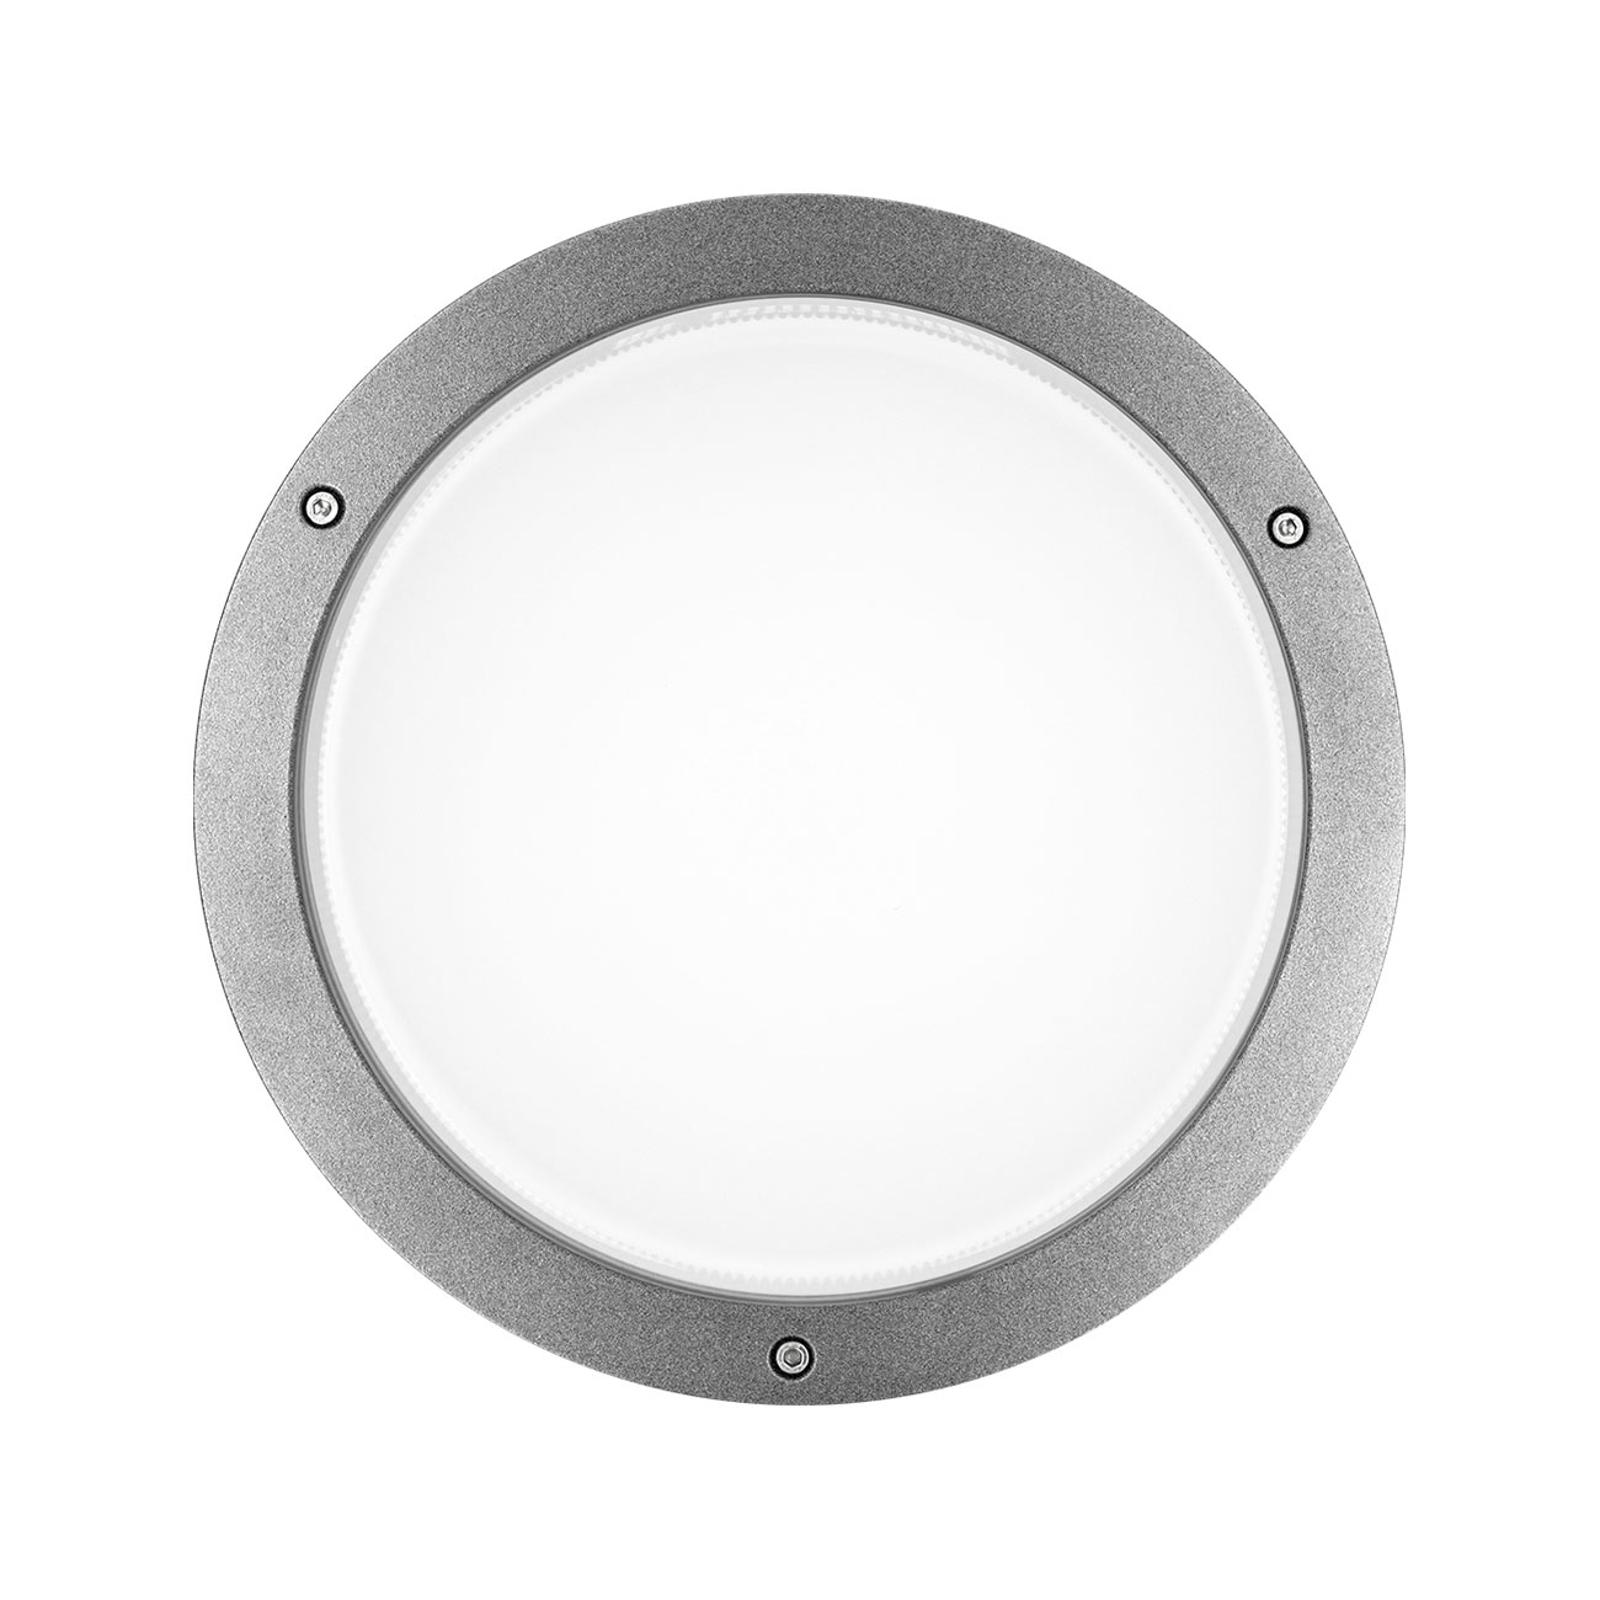 Applique LED Bliz Round 30, 30W 3000K grise